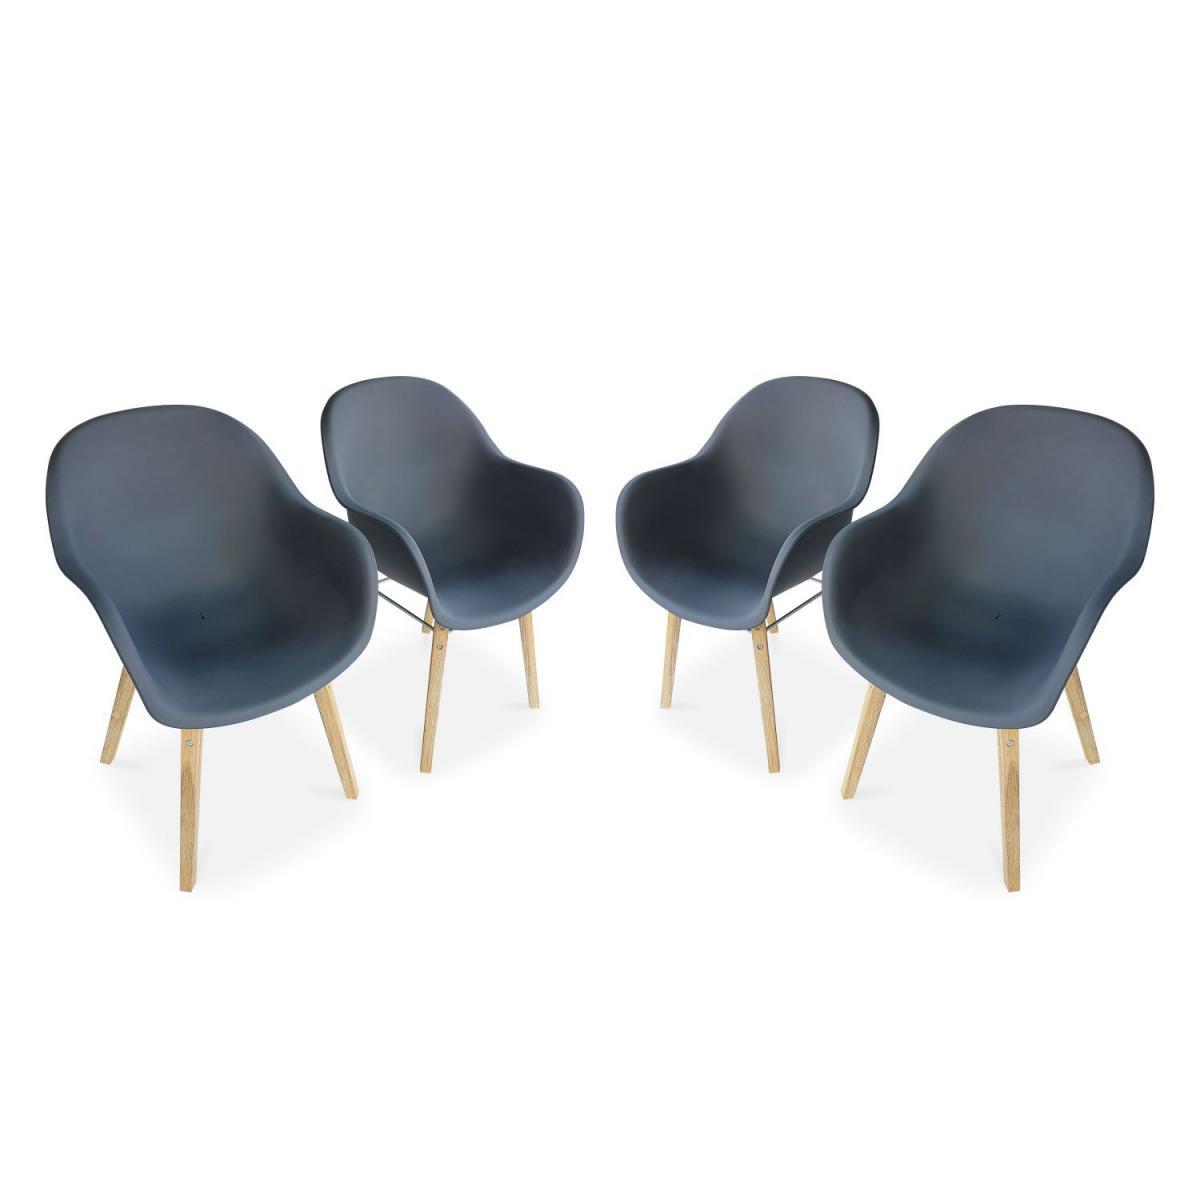 Alice'S Garden Lot de 4 fauteuils scandinaves CELEBES, acacia et résine injectée, gris, Intérieur/extérieur